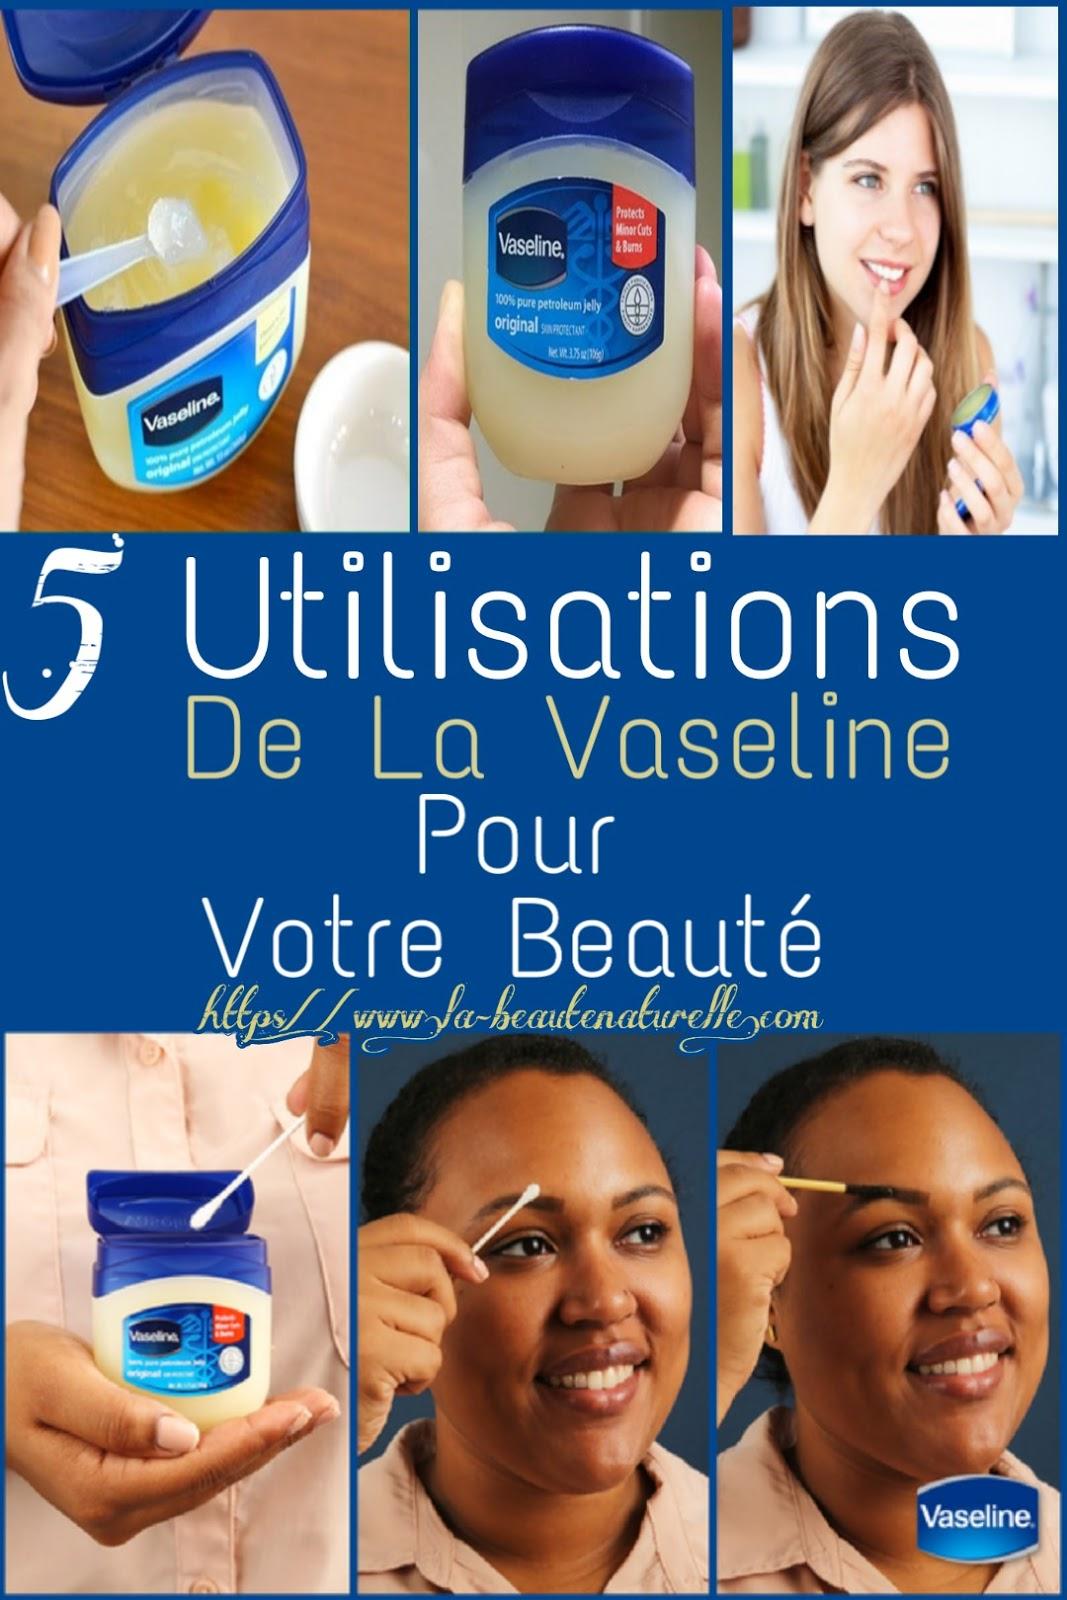 5 Utilisations De La Vaseline Pour Votre Beauté